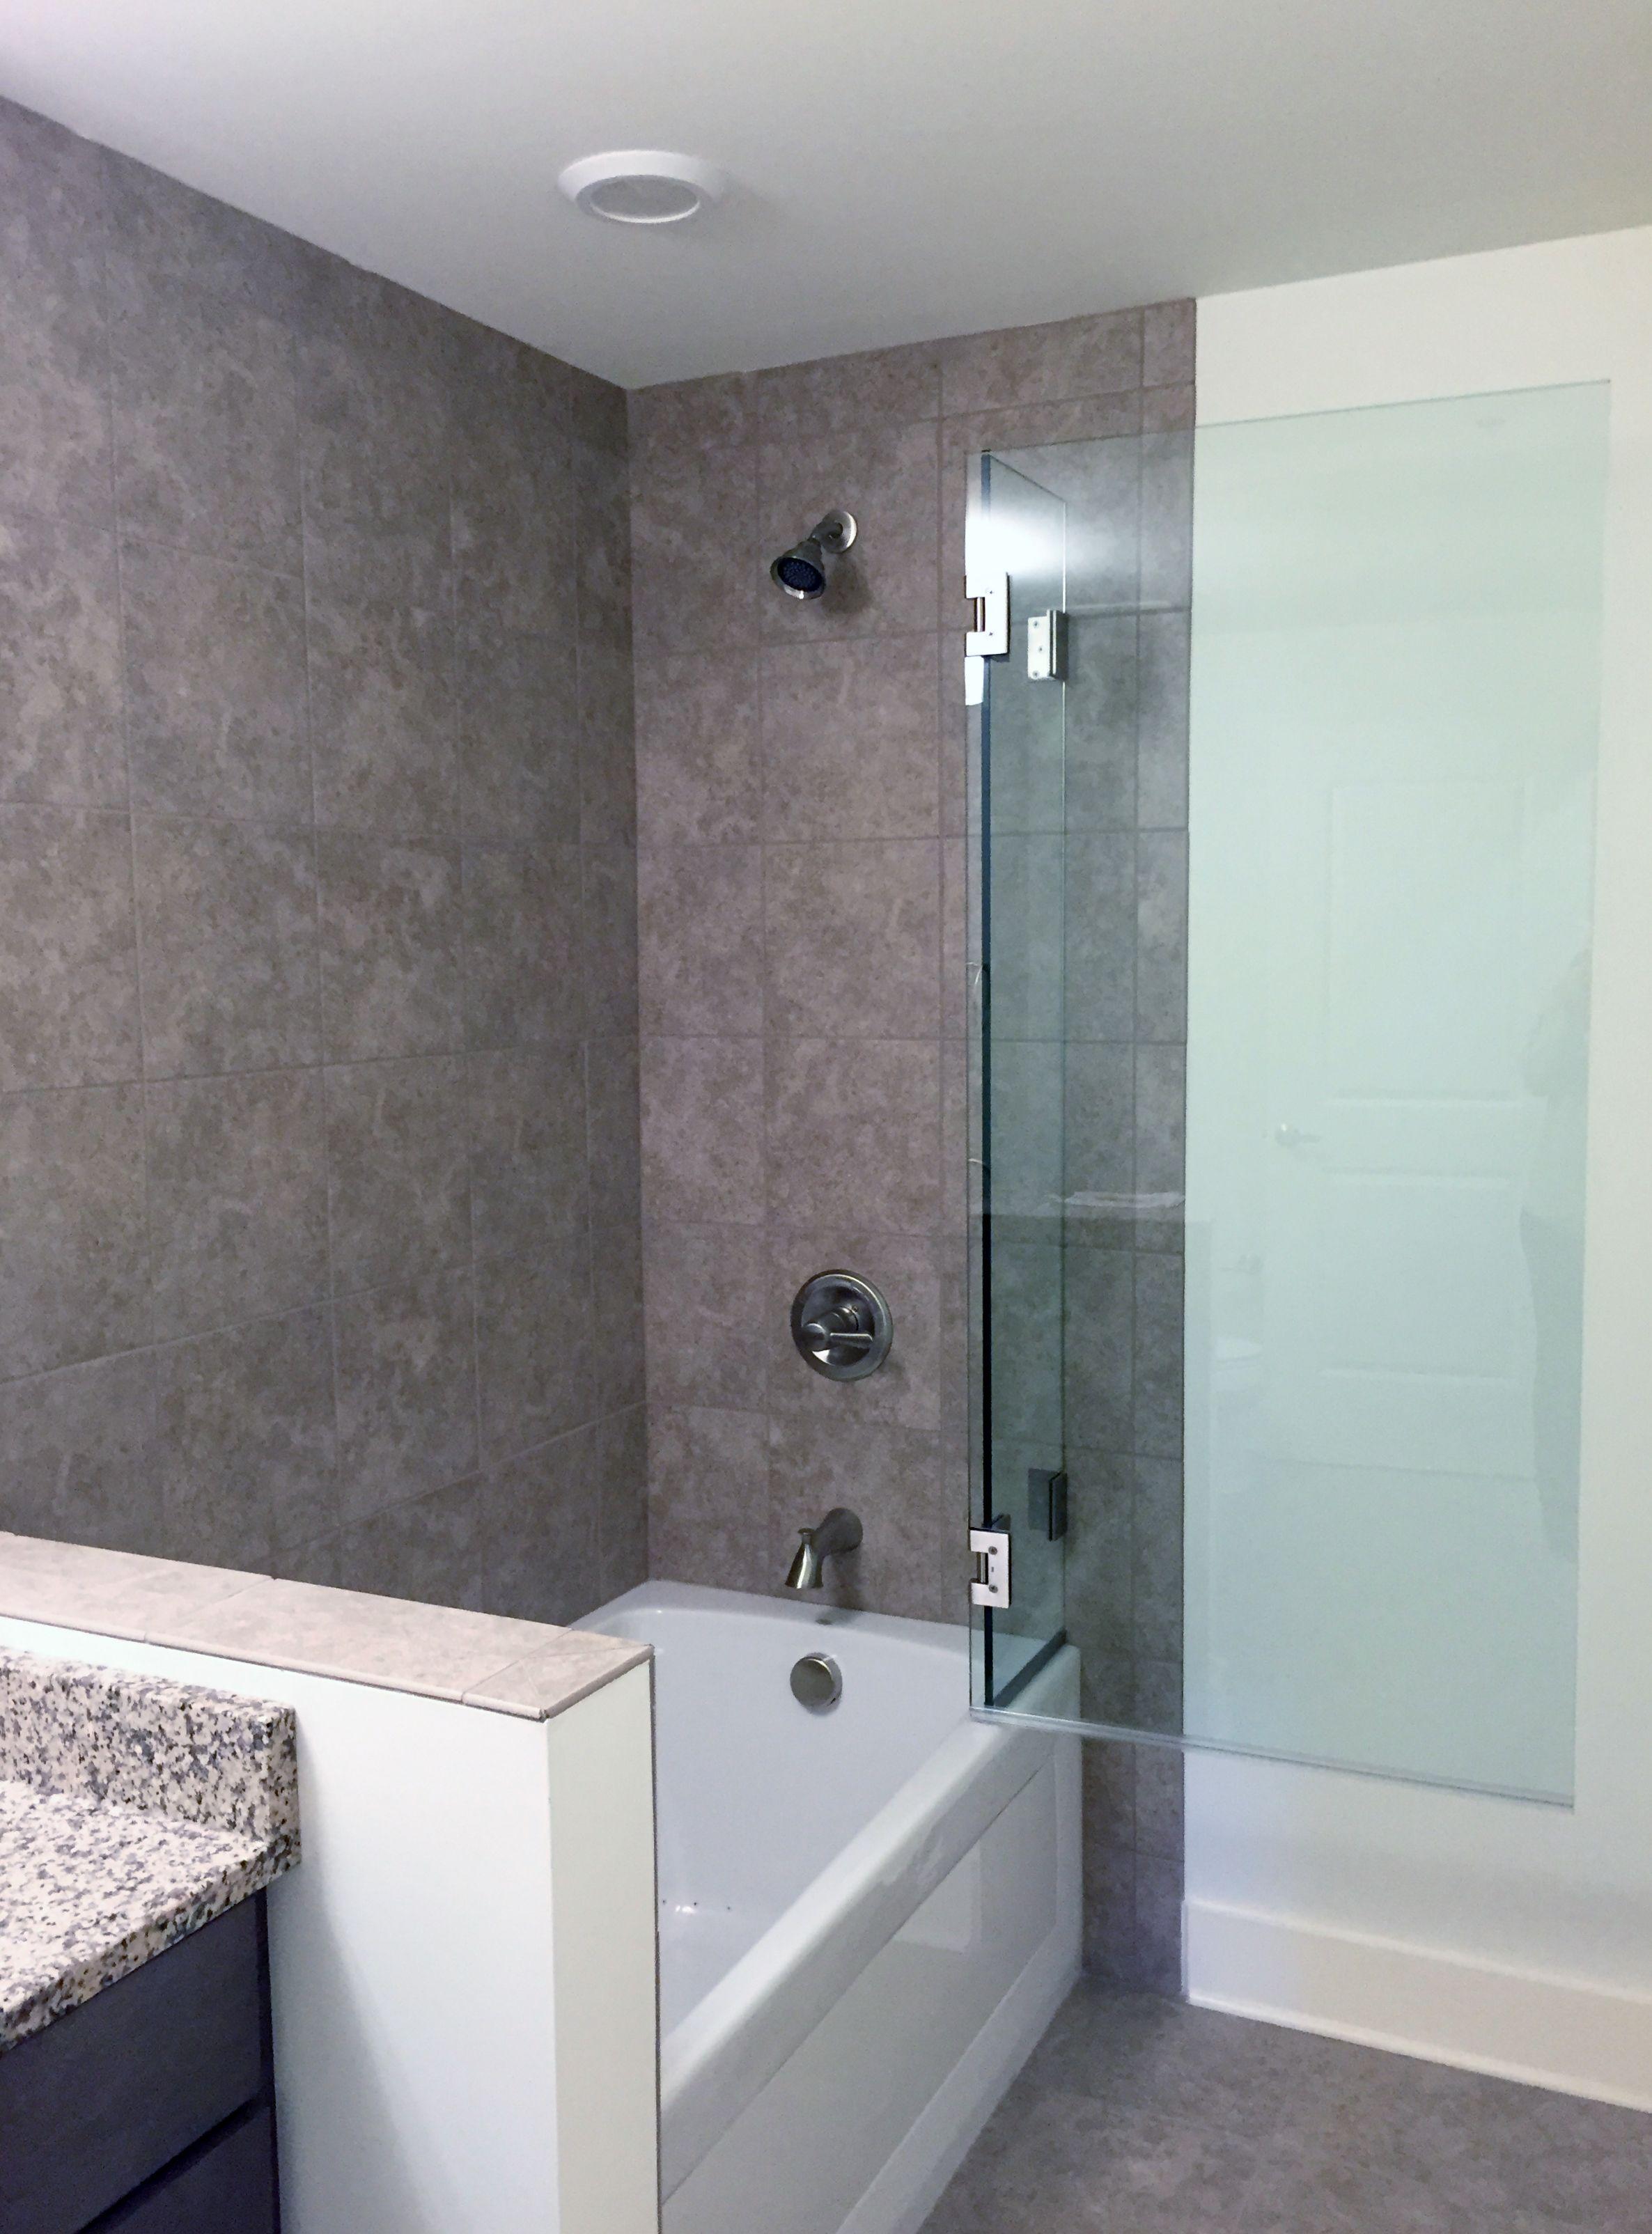 Frameless Tub Shower Enclosure: Operable Splash Panel - Furnished ...